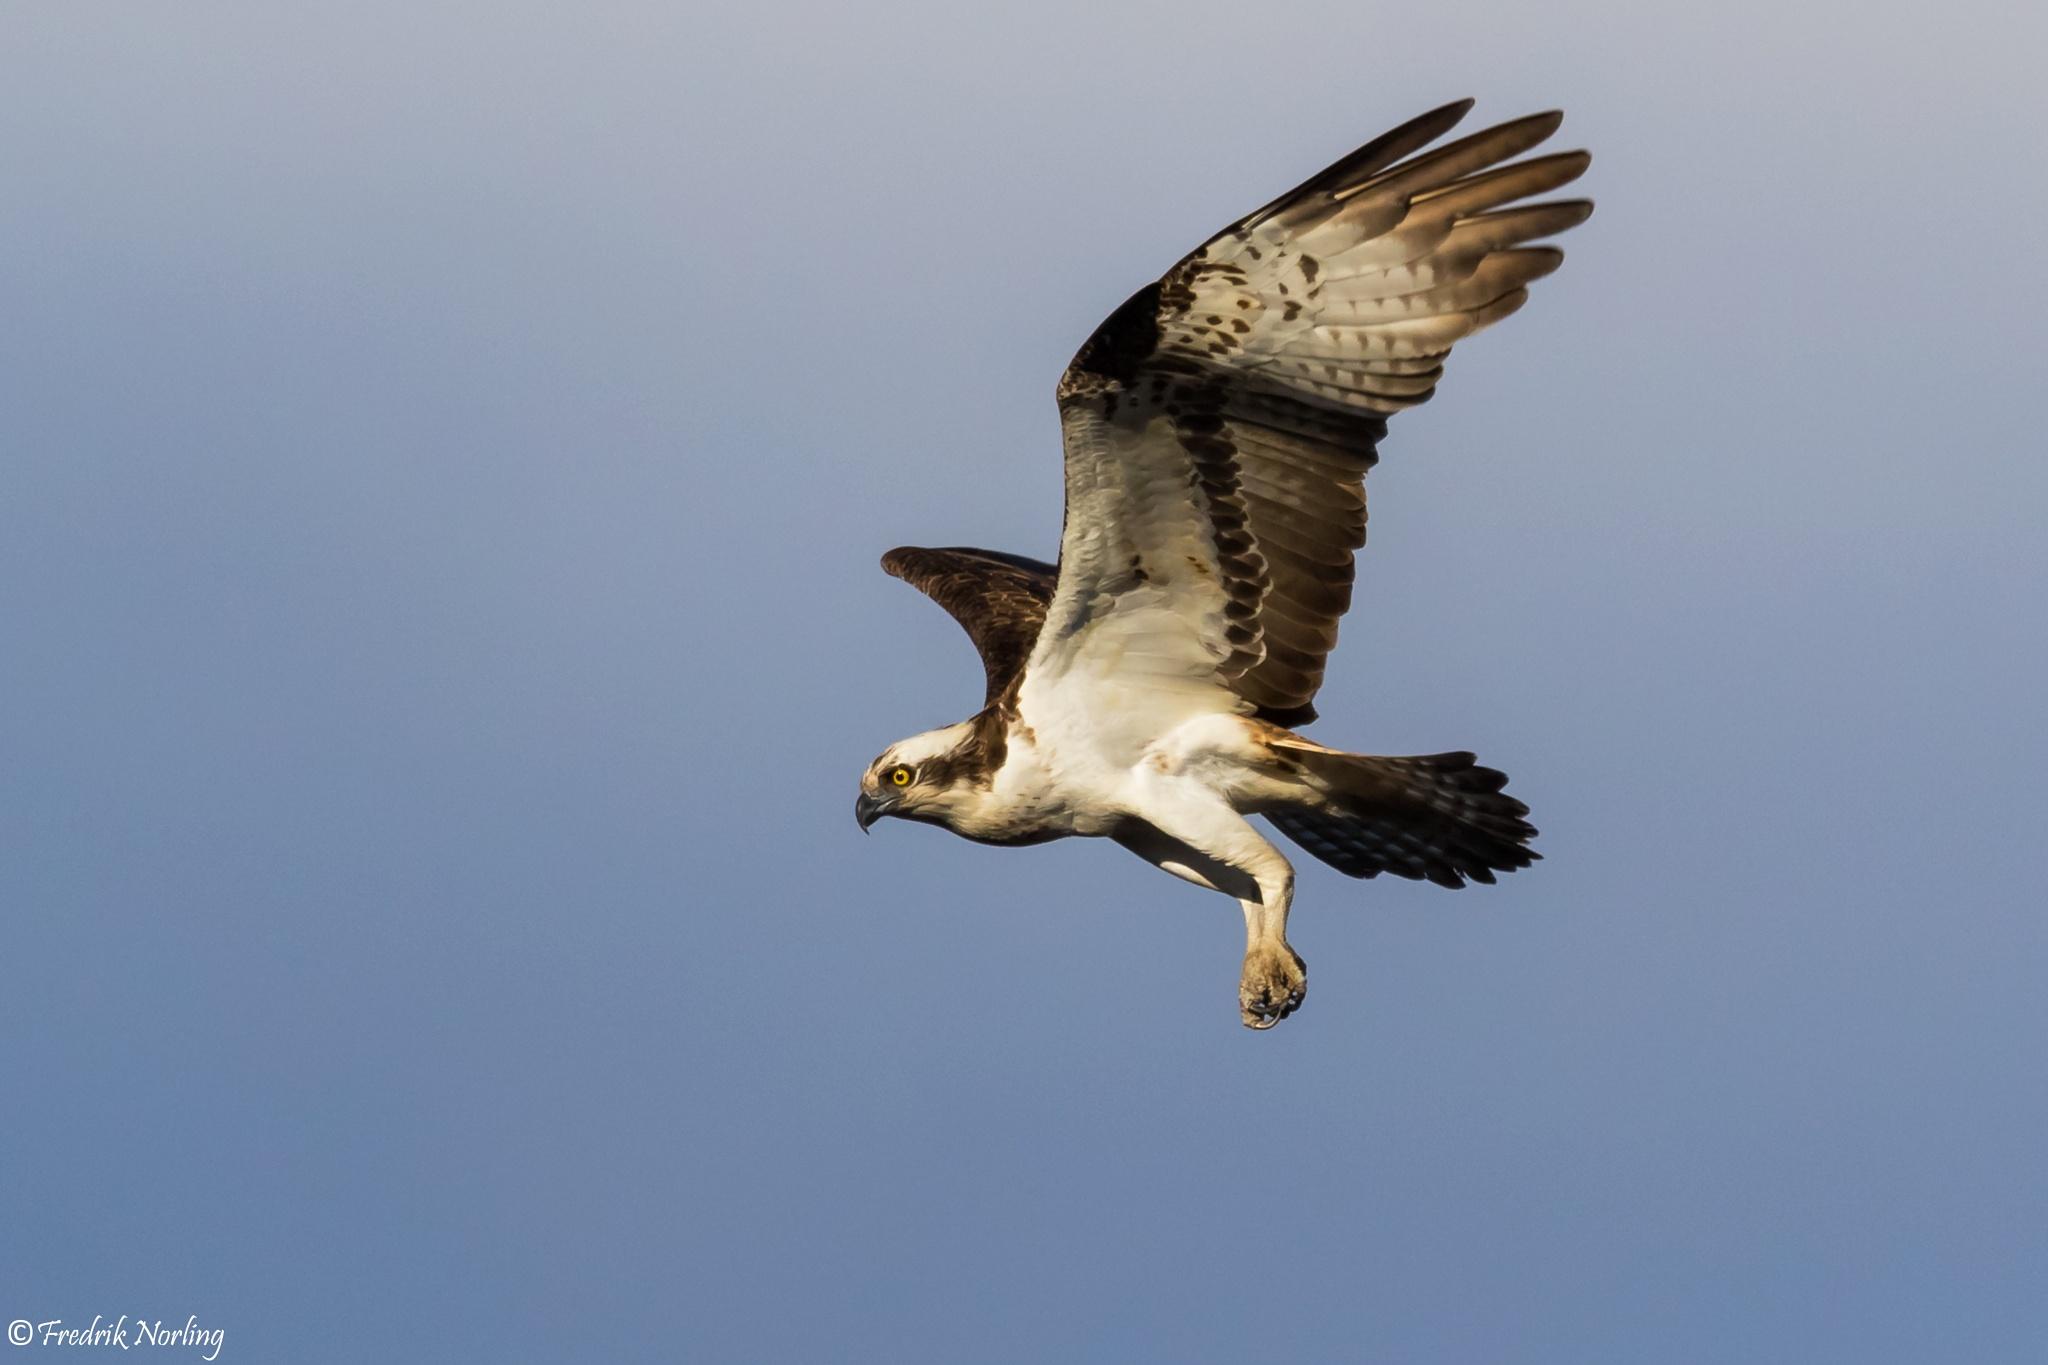 Osprey by Fredrik Norling